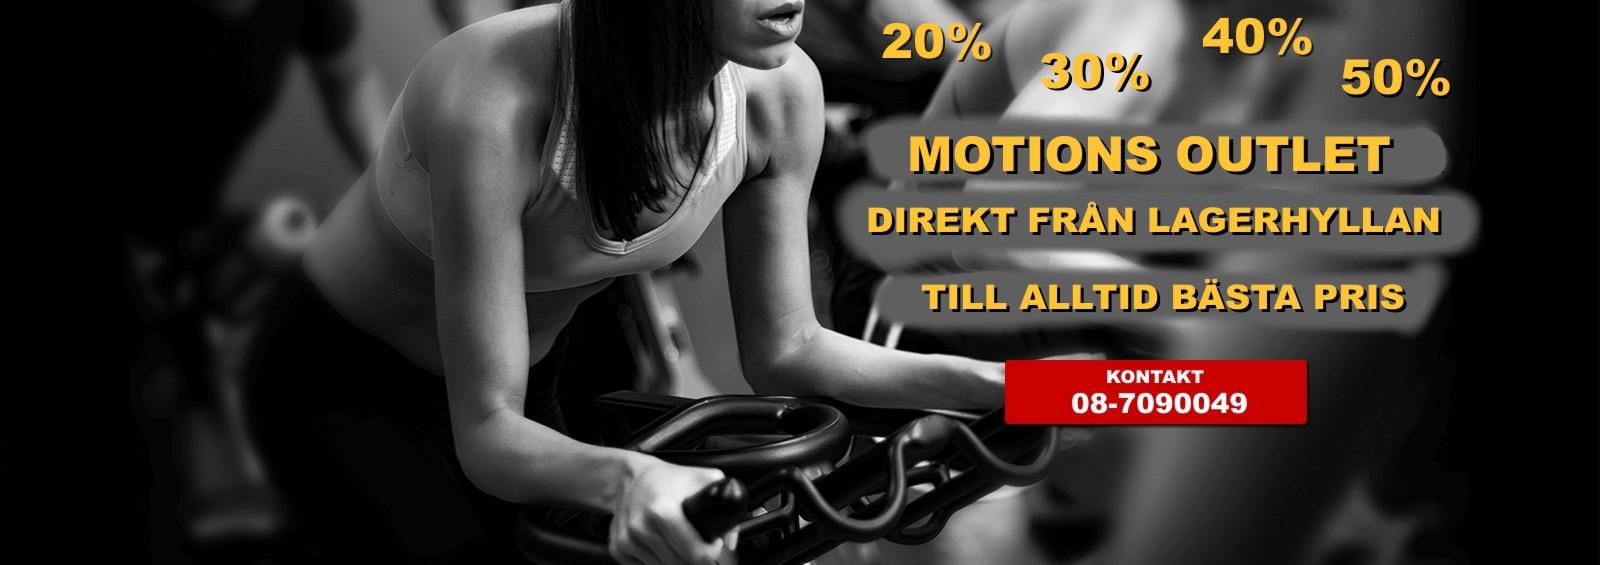 Motionscykel